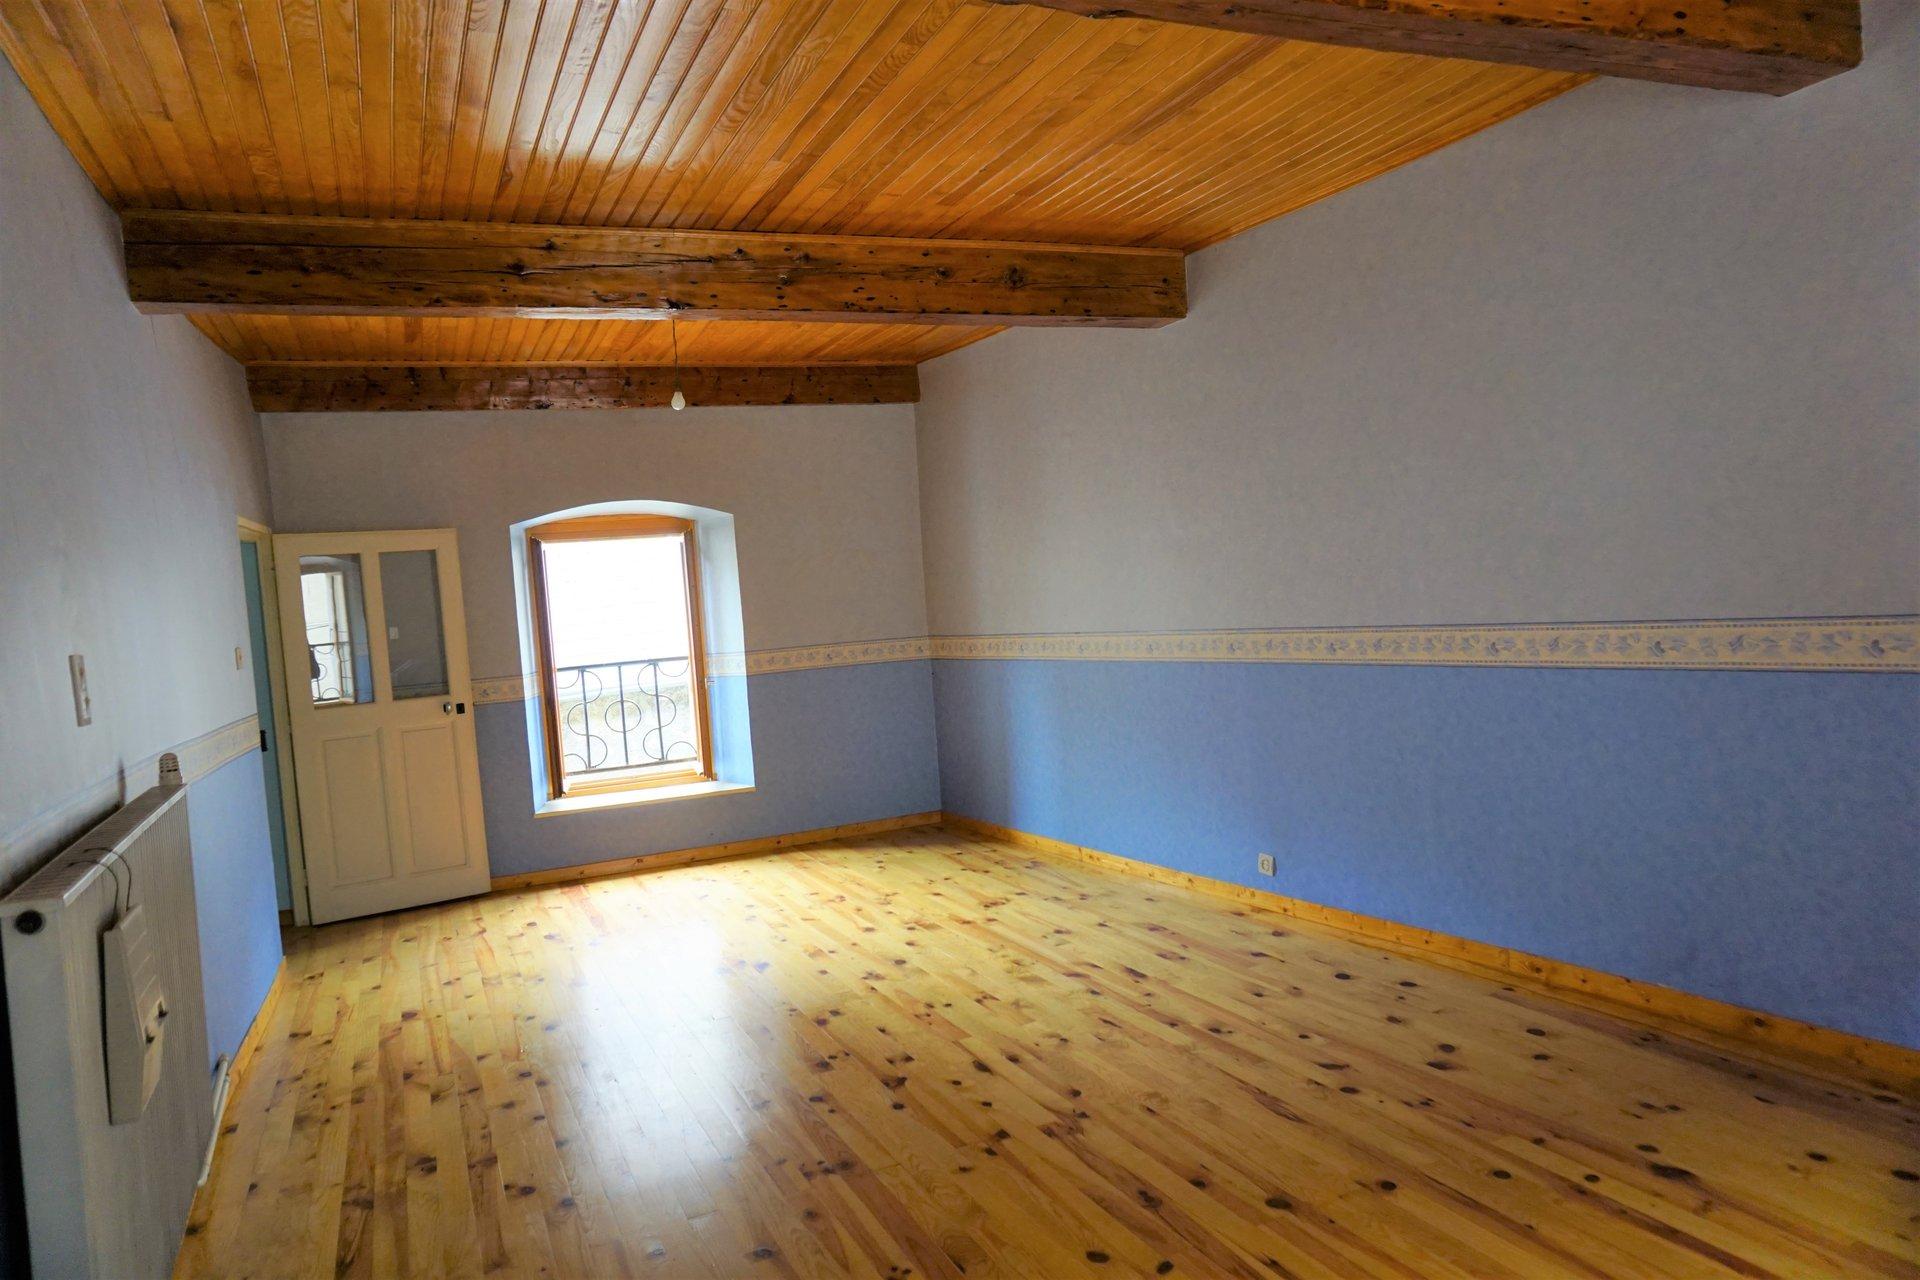 Très belle chambre avec poutres et parquet